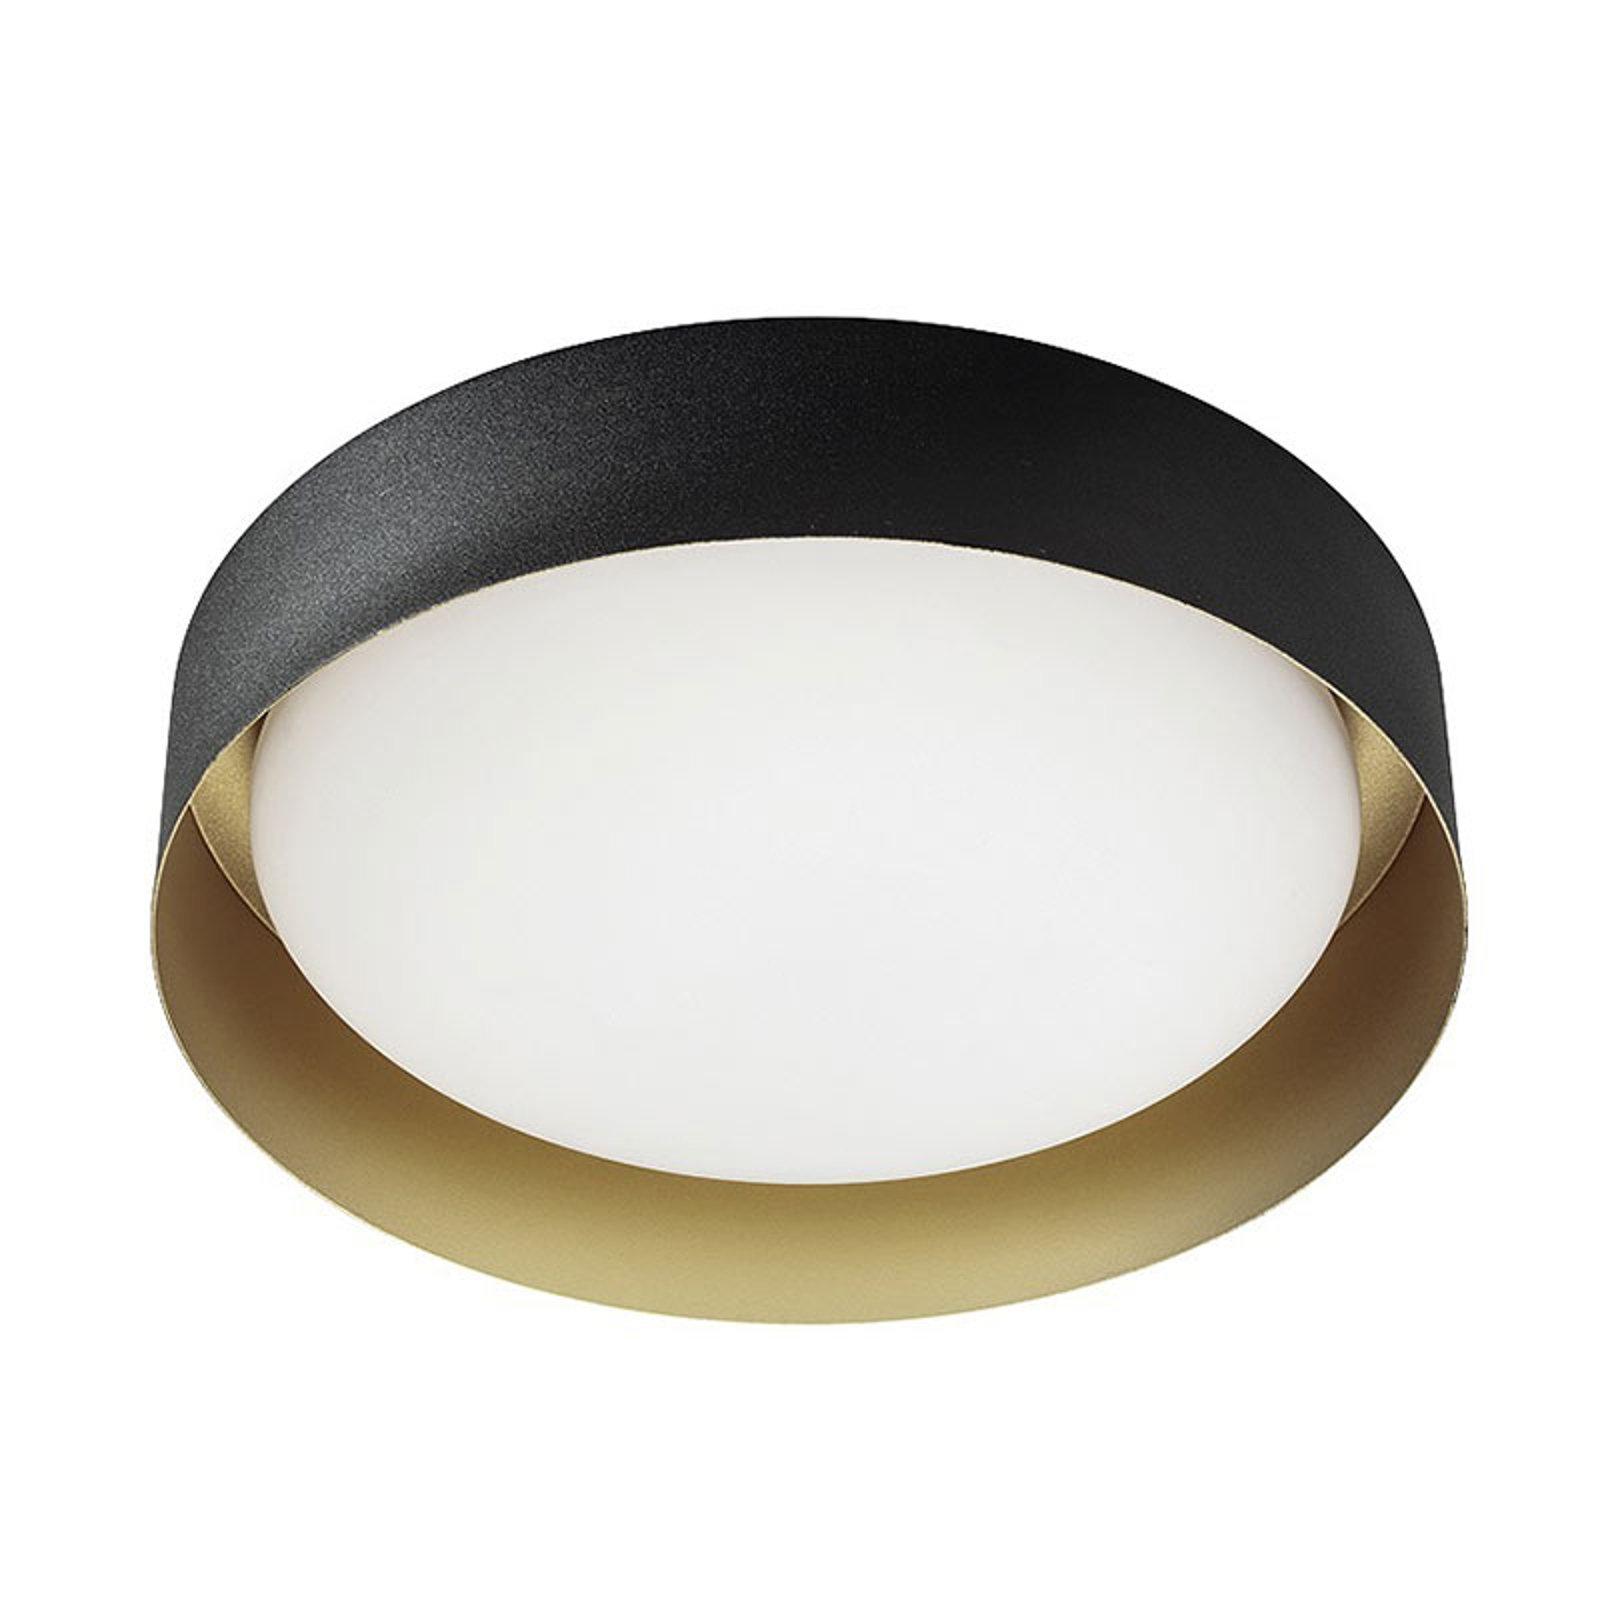 Crew 2 LED-taklampe, Ø 33 cm, svart/gull